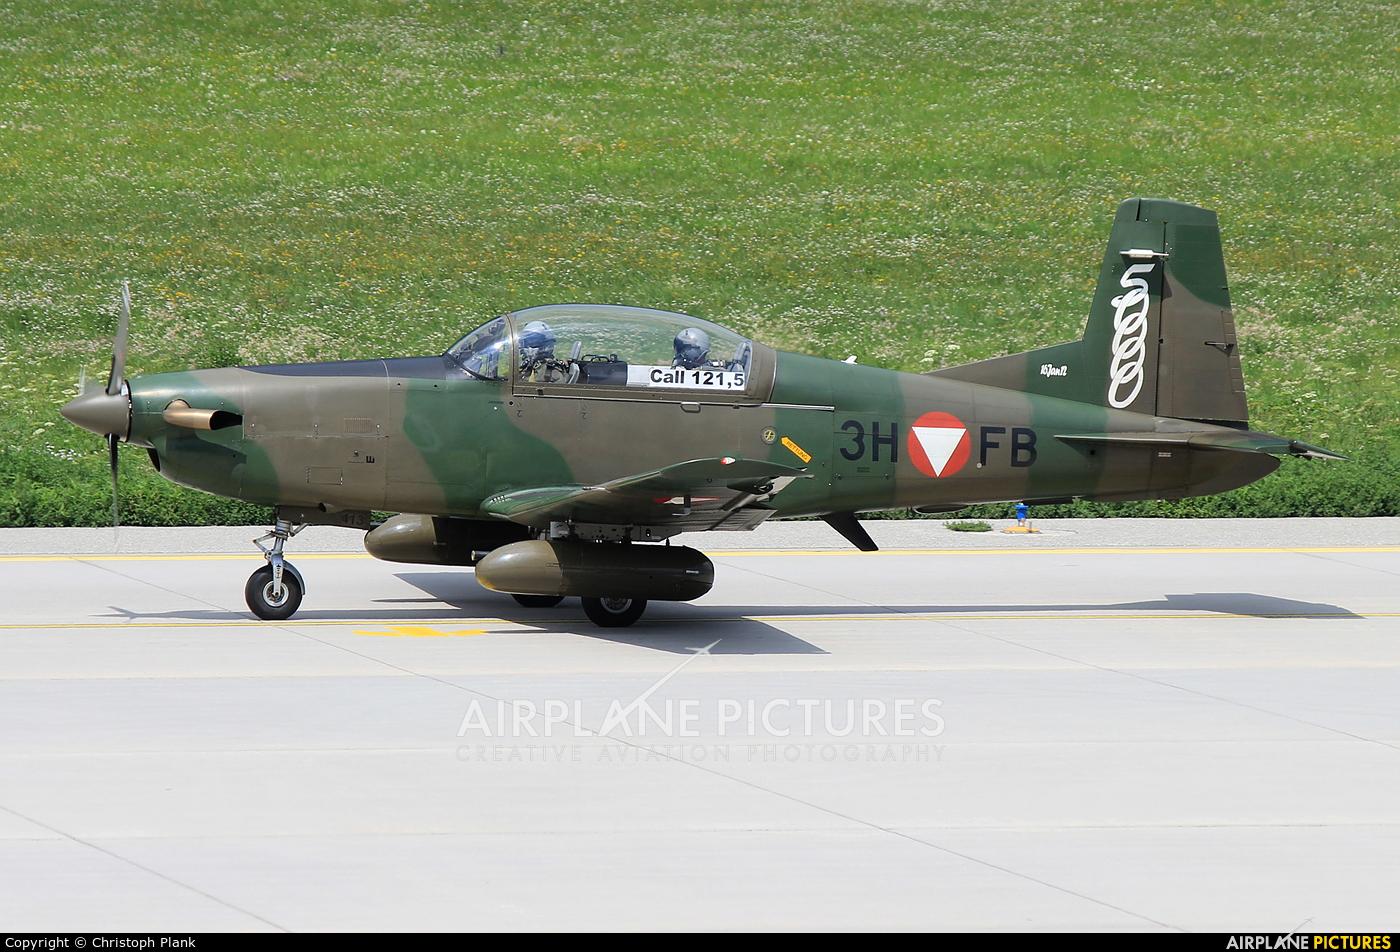 Austria - Air Force 3H-FB aircraft at Innsbruck